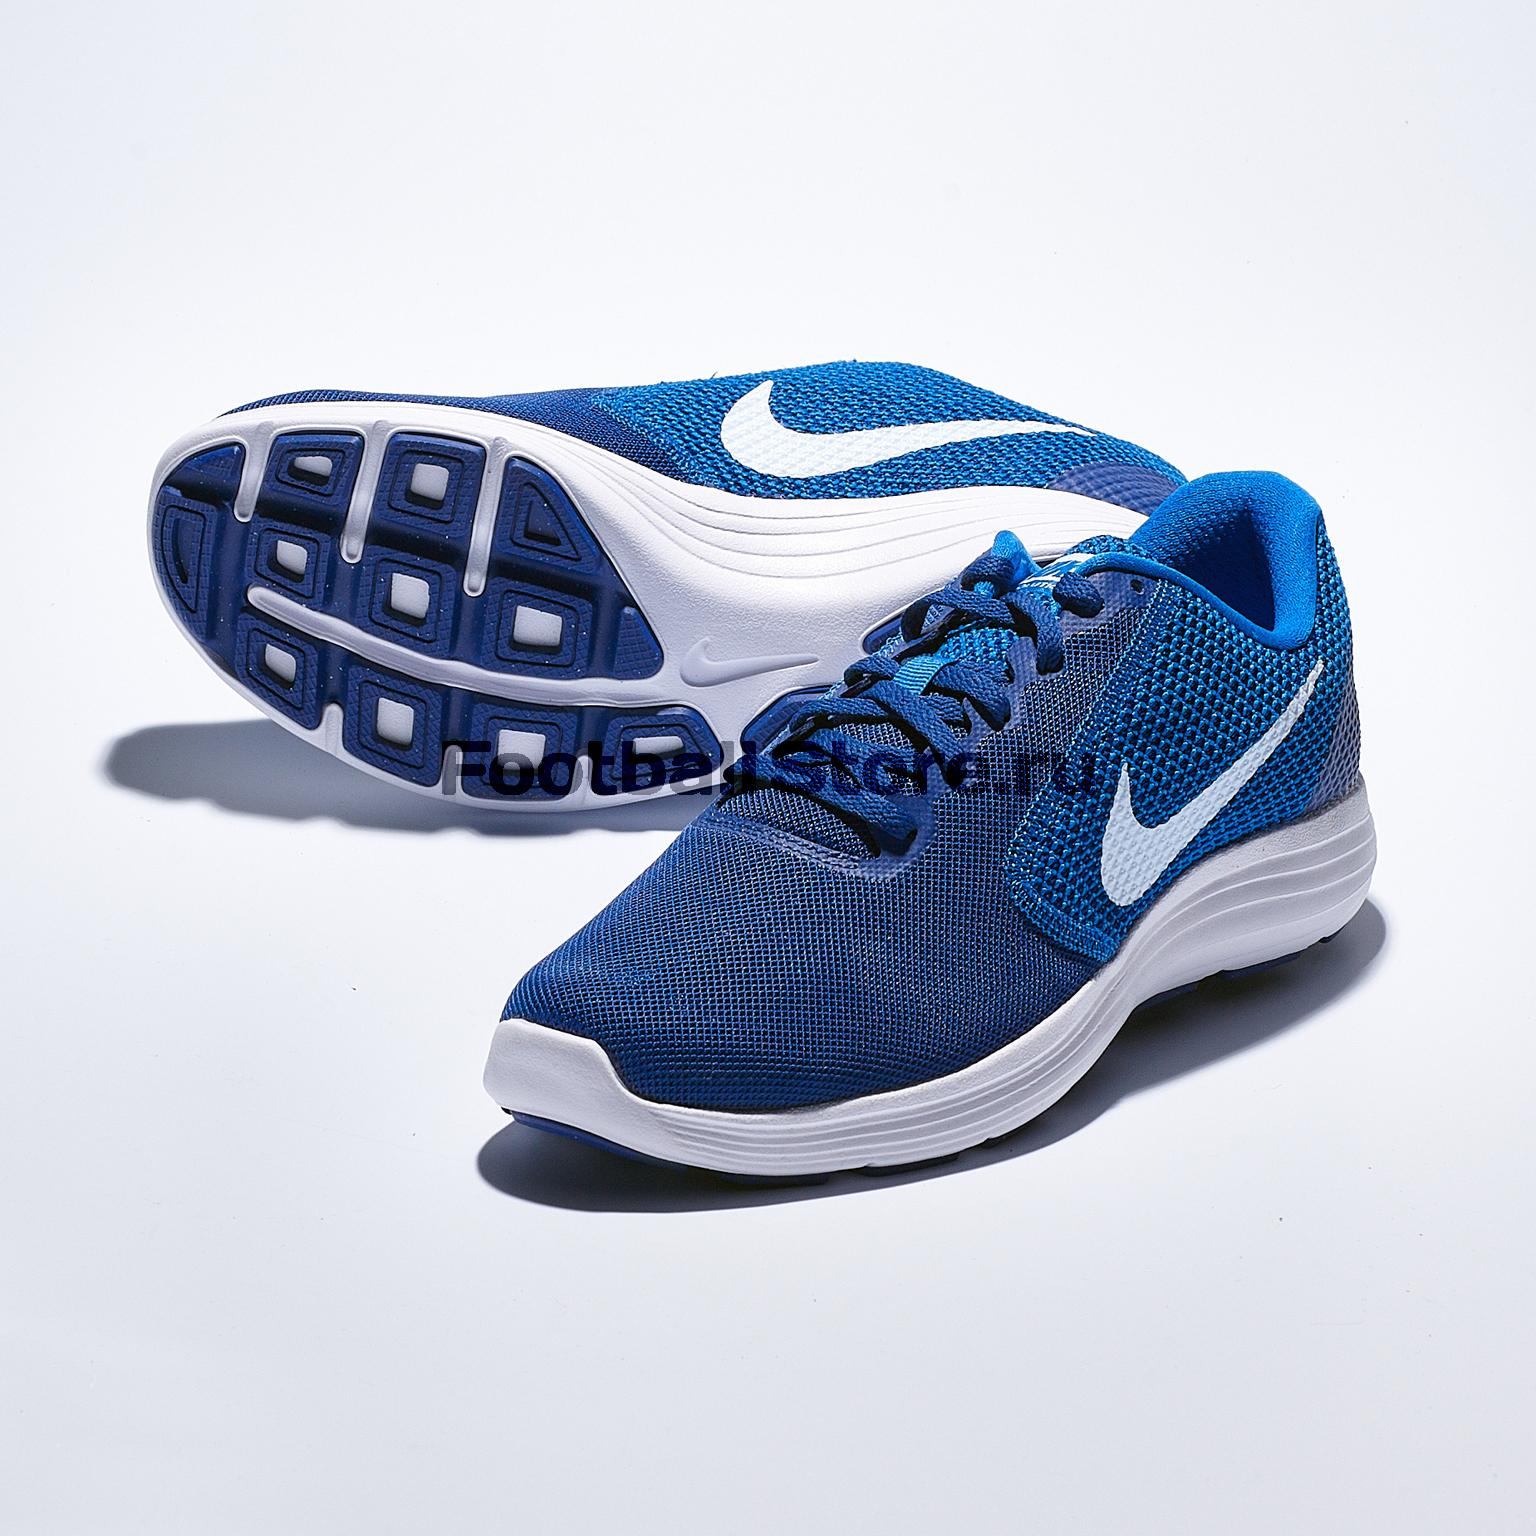 Кроссовки Nike Revolution 3 819300-407 – купить в интернет магазине ... f4c339d7e7f